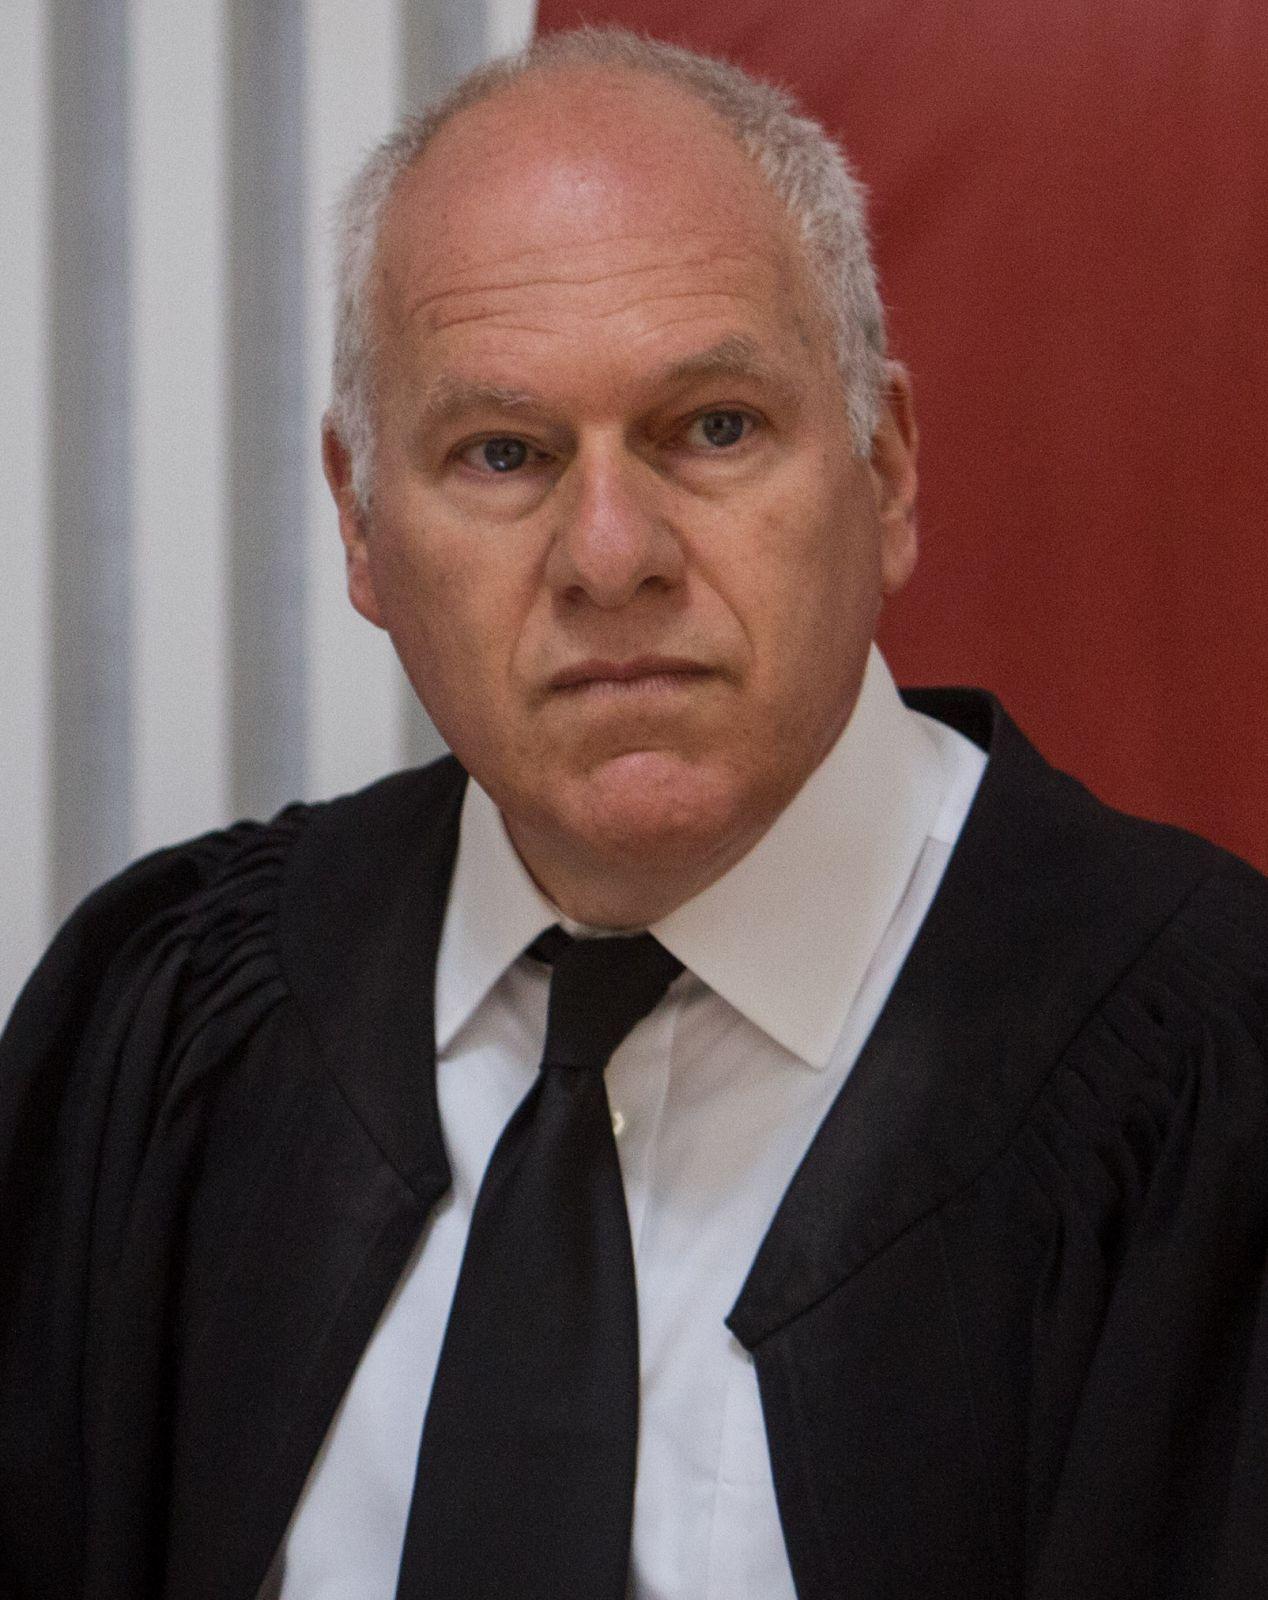 שופט בית-המשפט העליון עוזי פוגלמן (צילום: אורי לנץ)